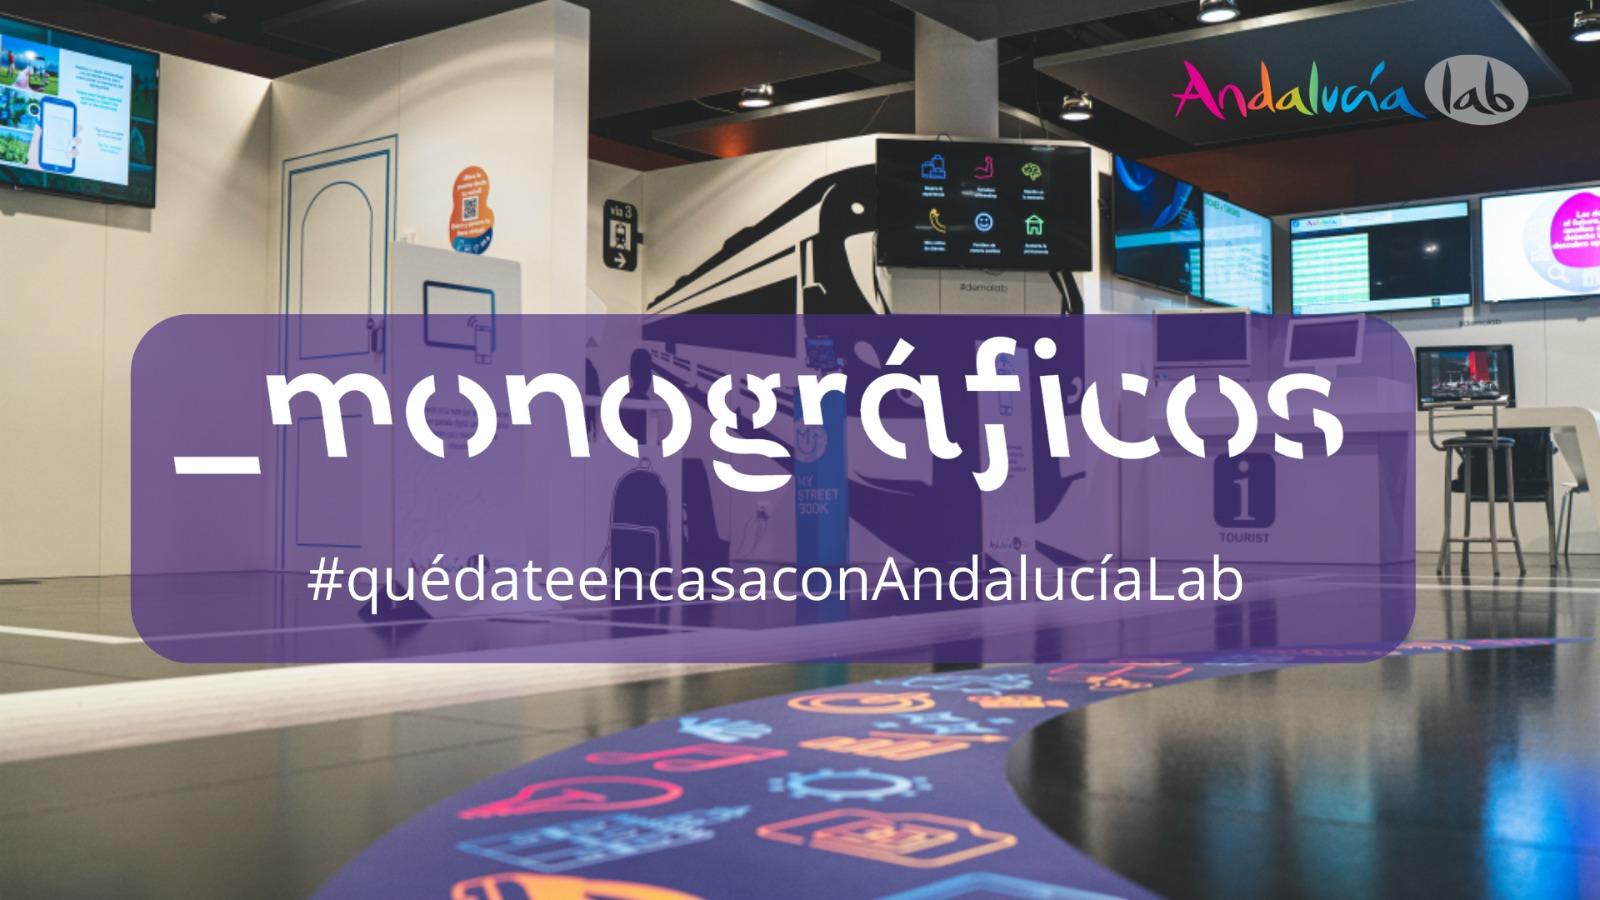 Monográfico Turismo inclusivo y accesible